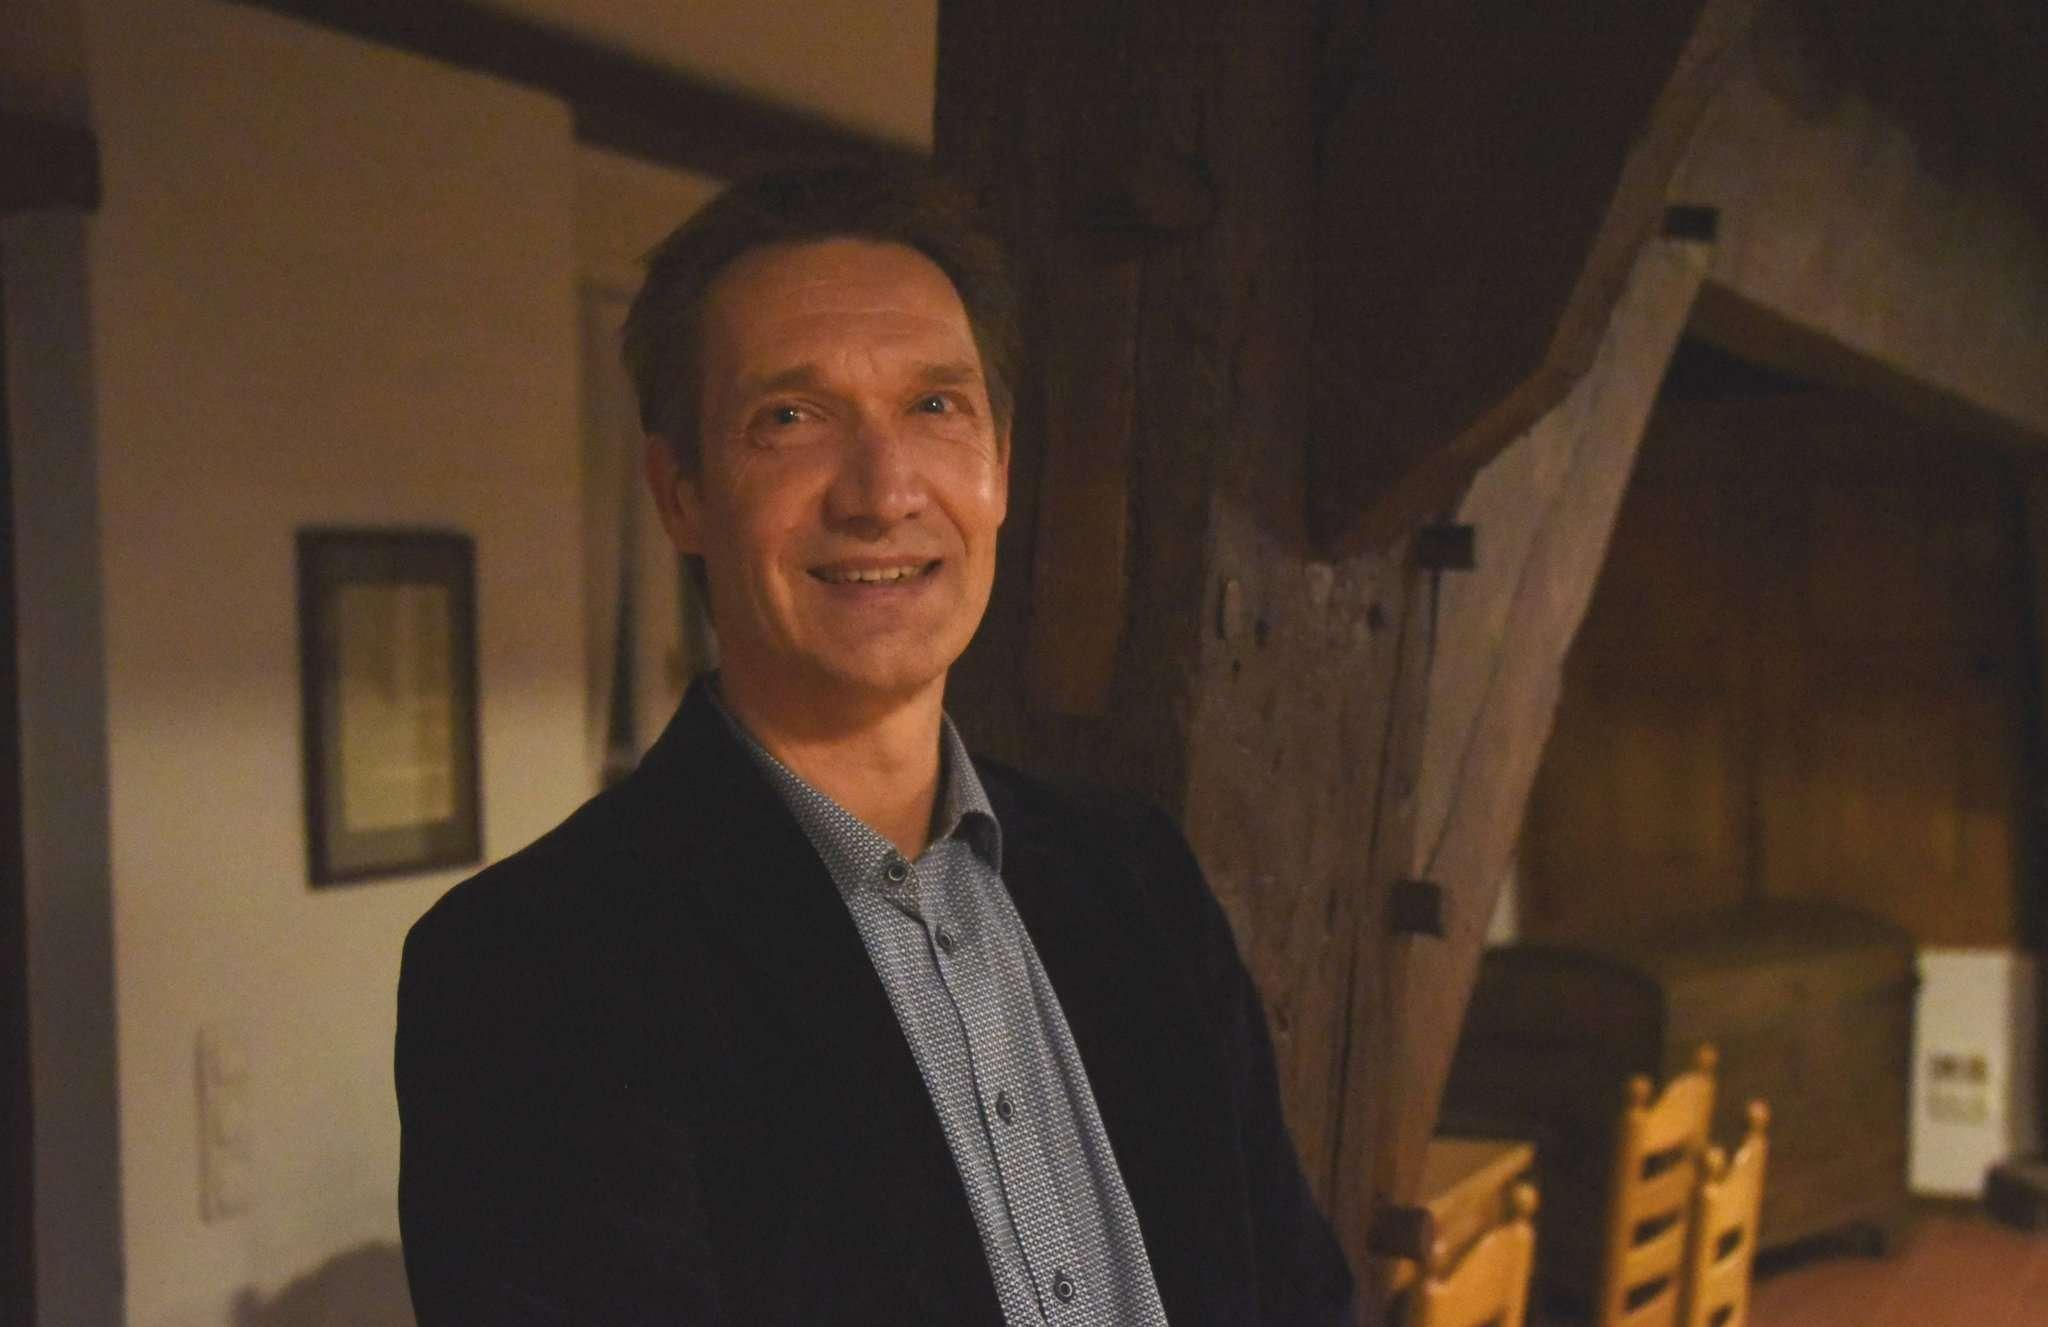 Wolf Linne tritt von seiner Kandidatur für den Posten des Samtgemeindebürgermeisters zurück. Grund dafür ist das Hin und Her um die Unterstützung aus CDU und FDP.